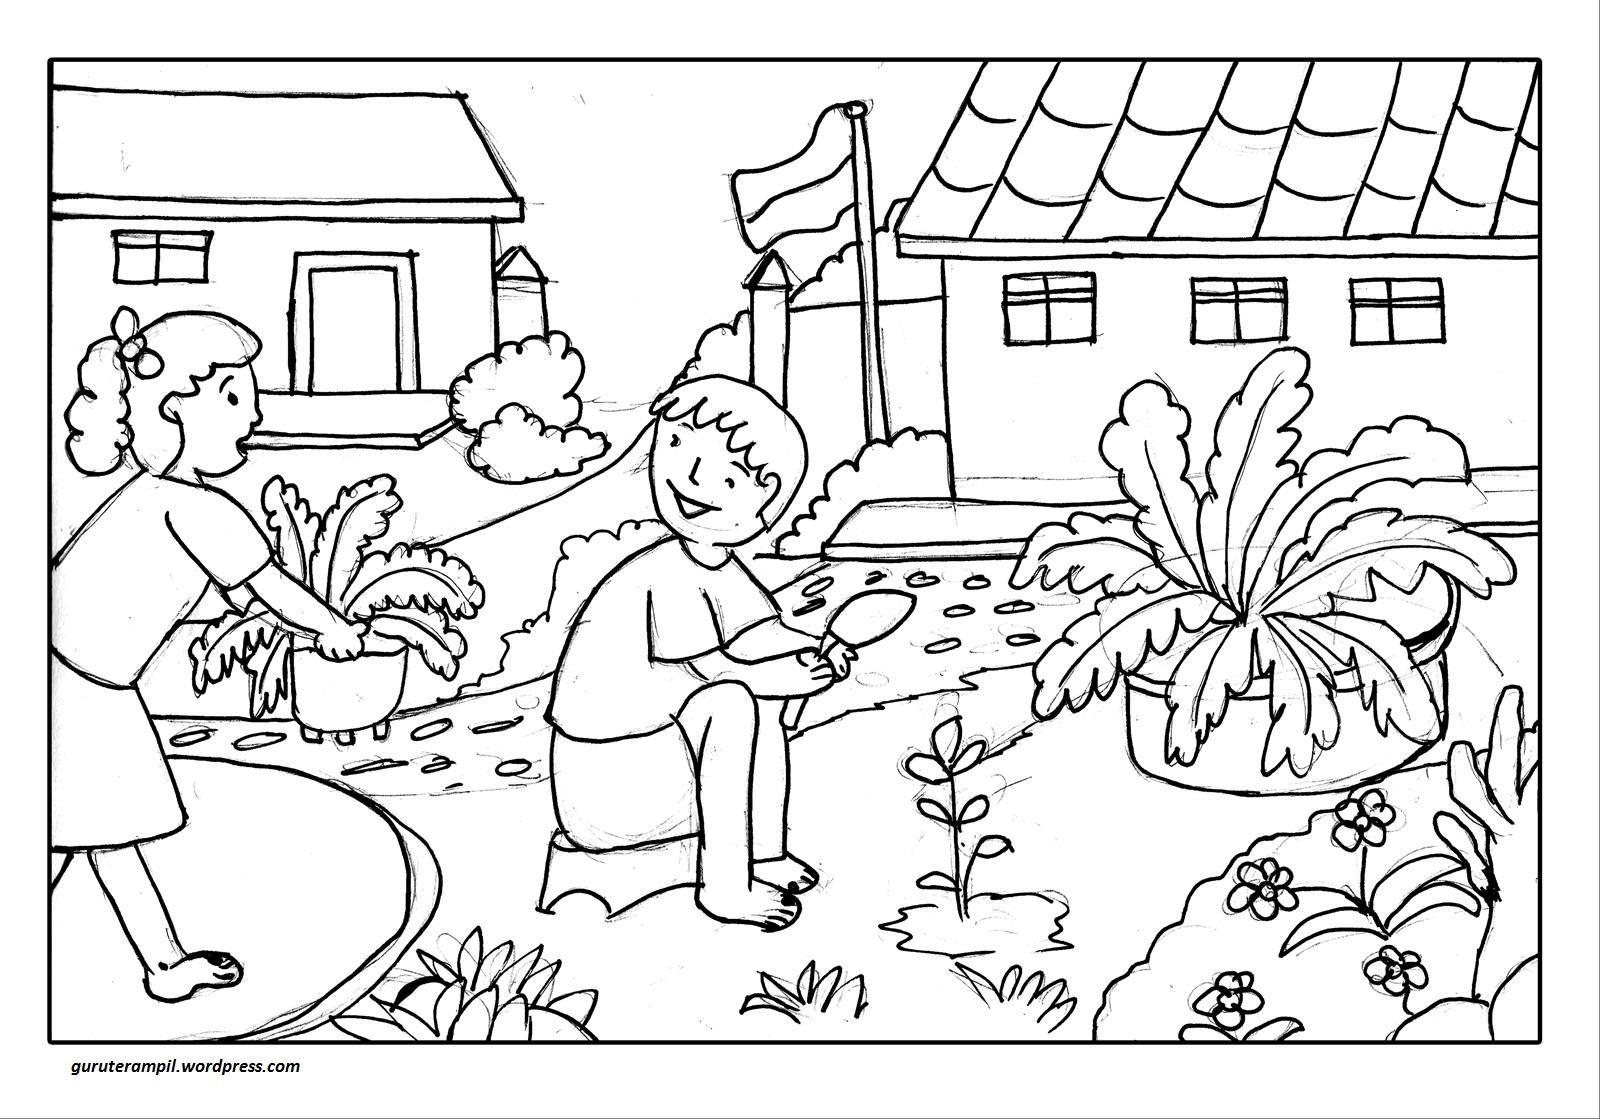 Contoh Gambar Untuk Anak Sd Karya Gambar Mewarnai Anak Sd Gambar Mewarnai Contoh Mewarnai Gambar Untuk Anak Tk And Anak Sd Tentang Guru